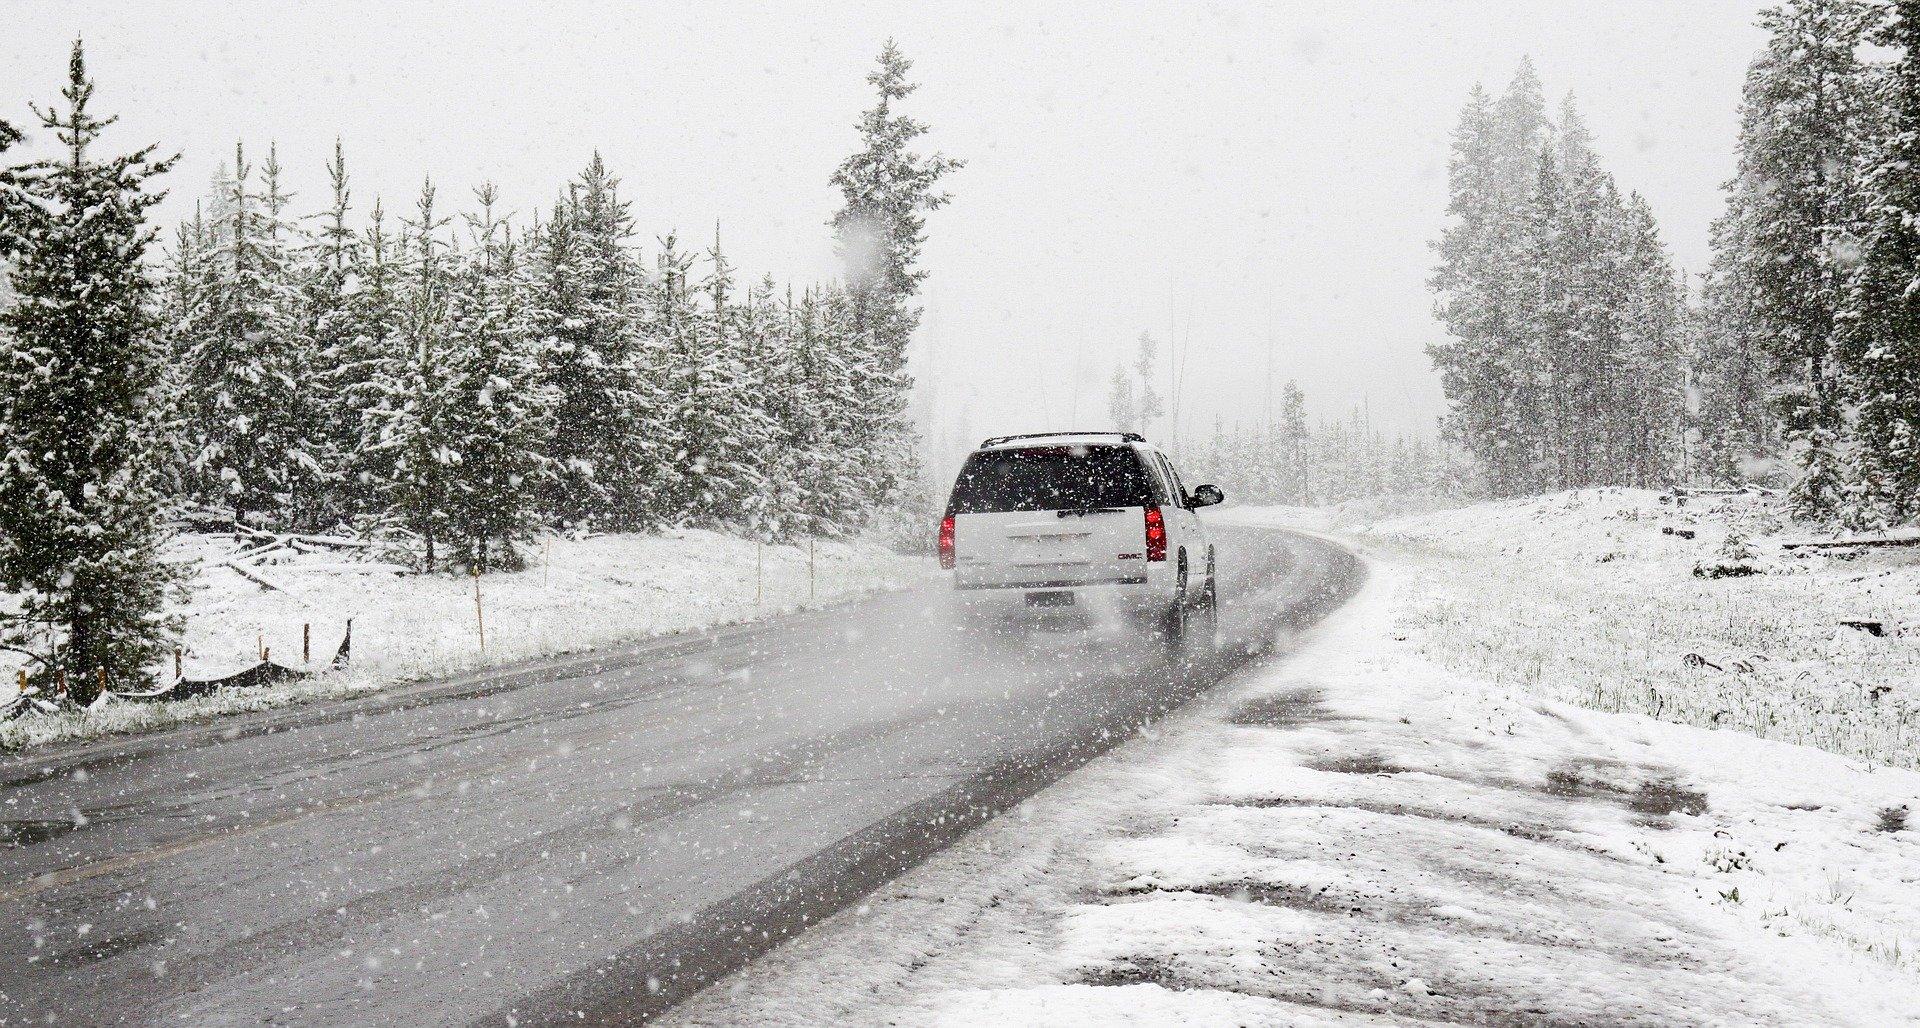 Ilustracja do informacji: Ostrzeżenie przed marznącymi opadami deszczu ze śniegiem: Uwaga: w nocy drogi mogą być śliskie